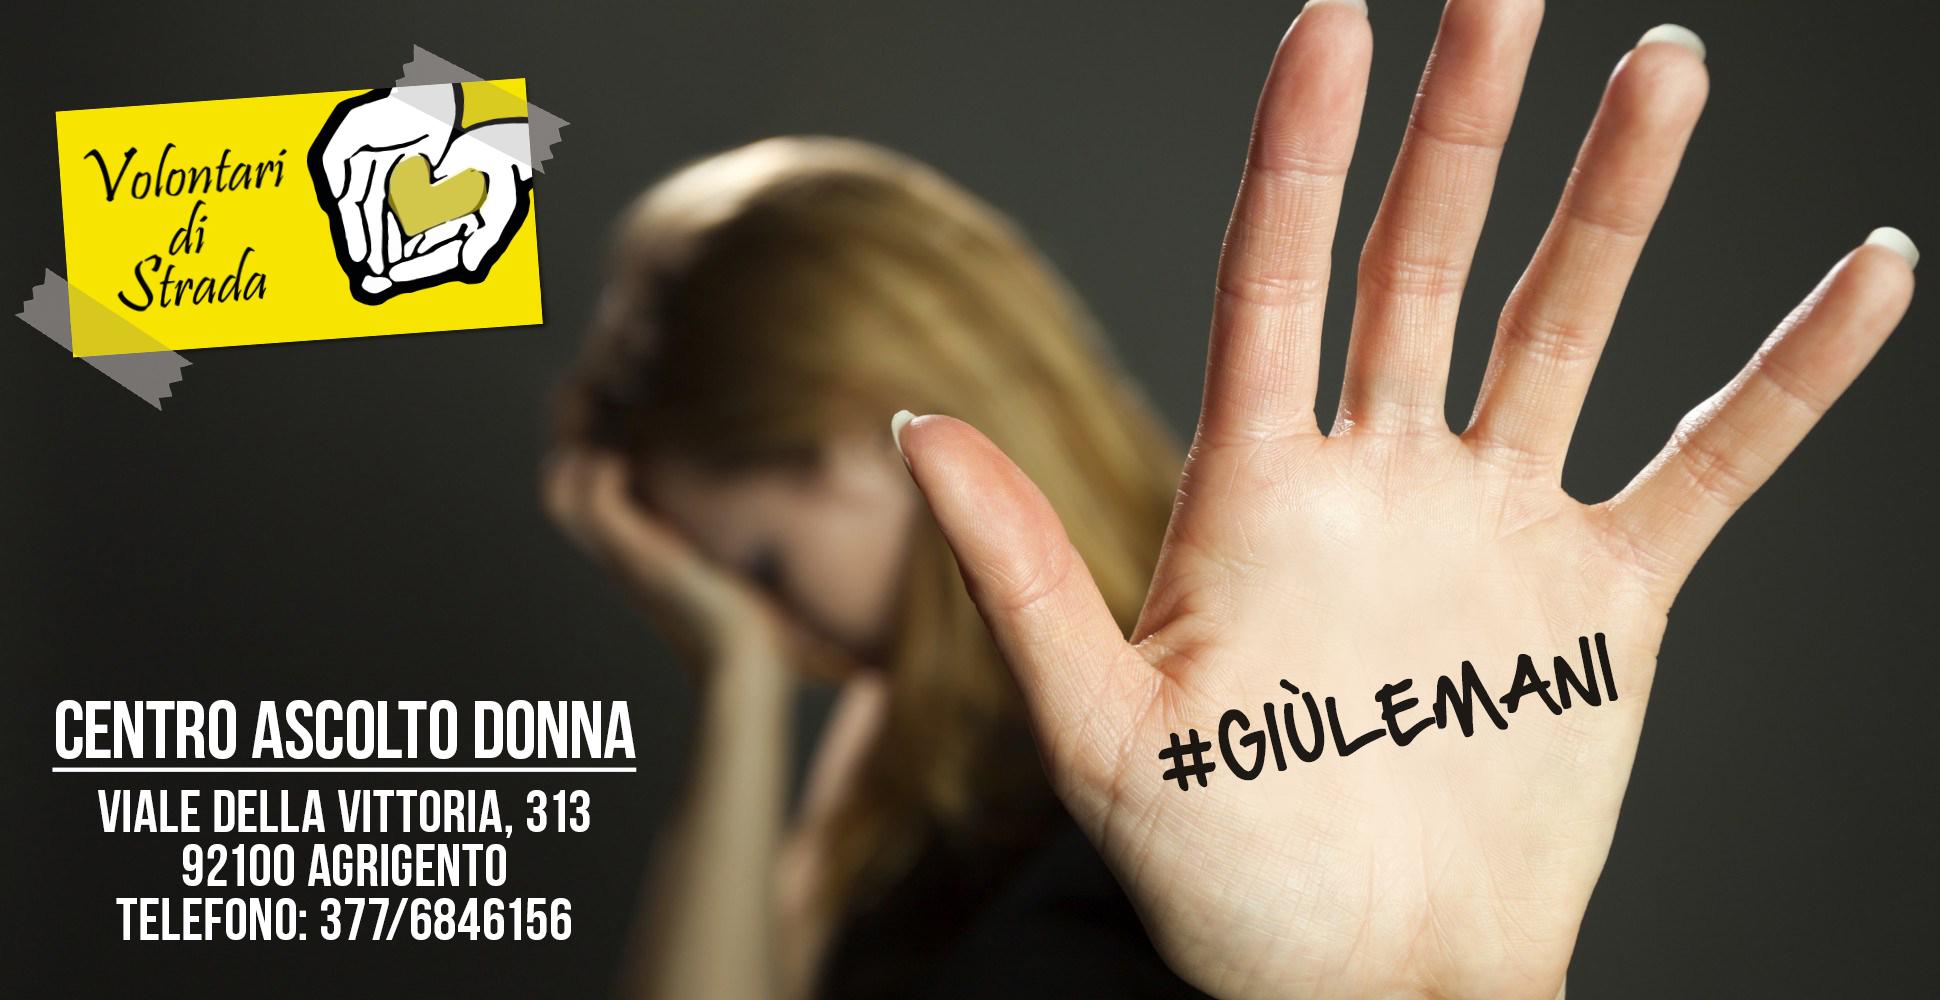 Violenza sulle donne, nasce il progetto #giùlemani con un centro di ascolto e un corso di difesa personale